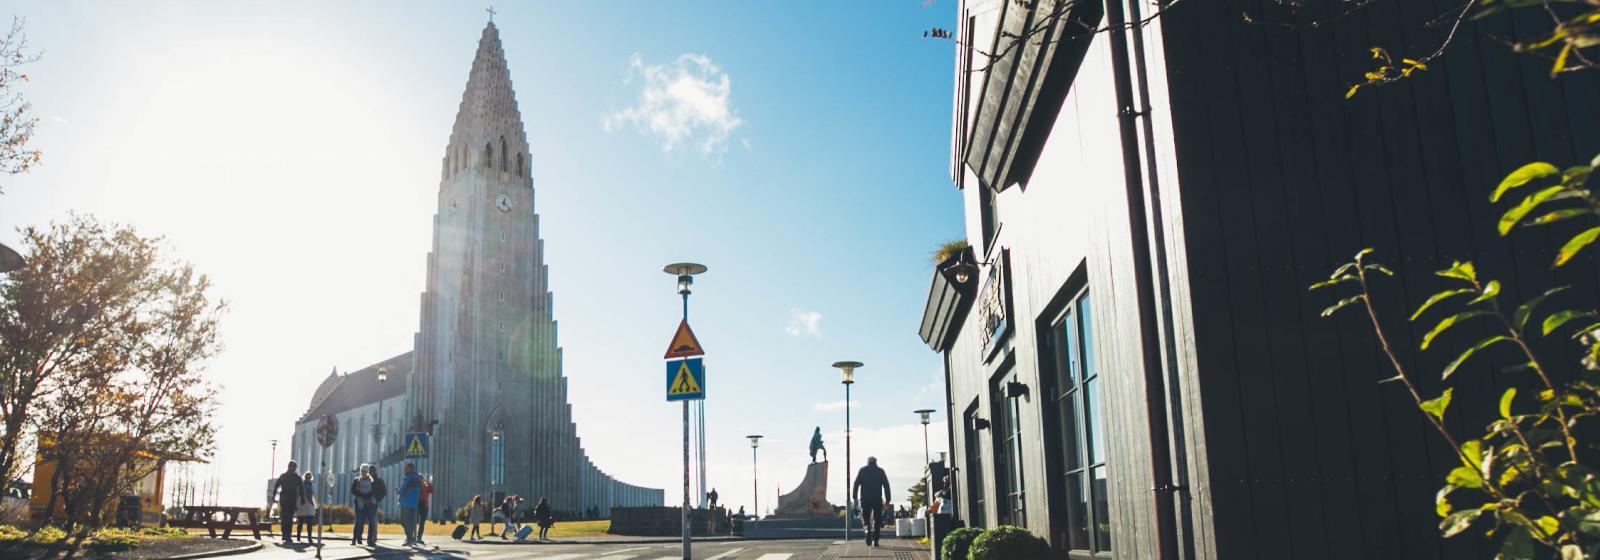 Cosas que hacer en Reikiavik